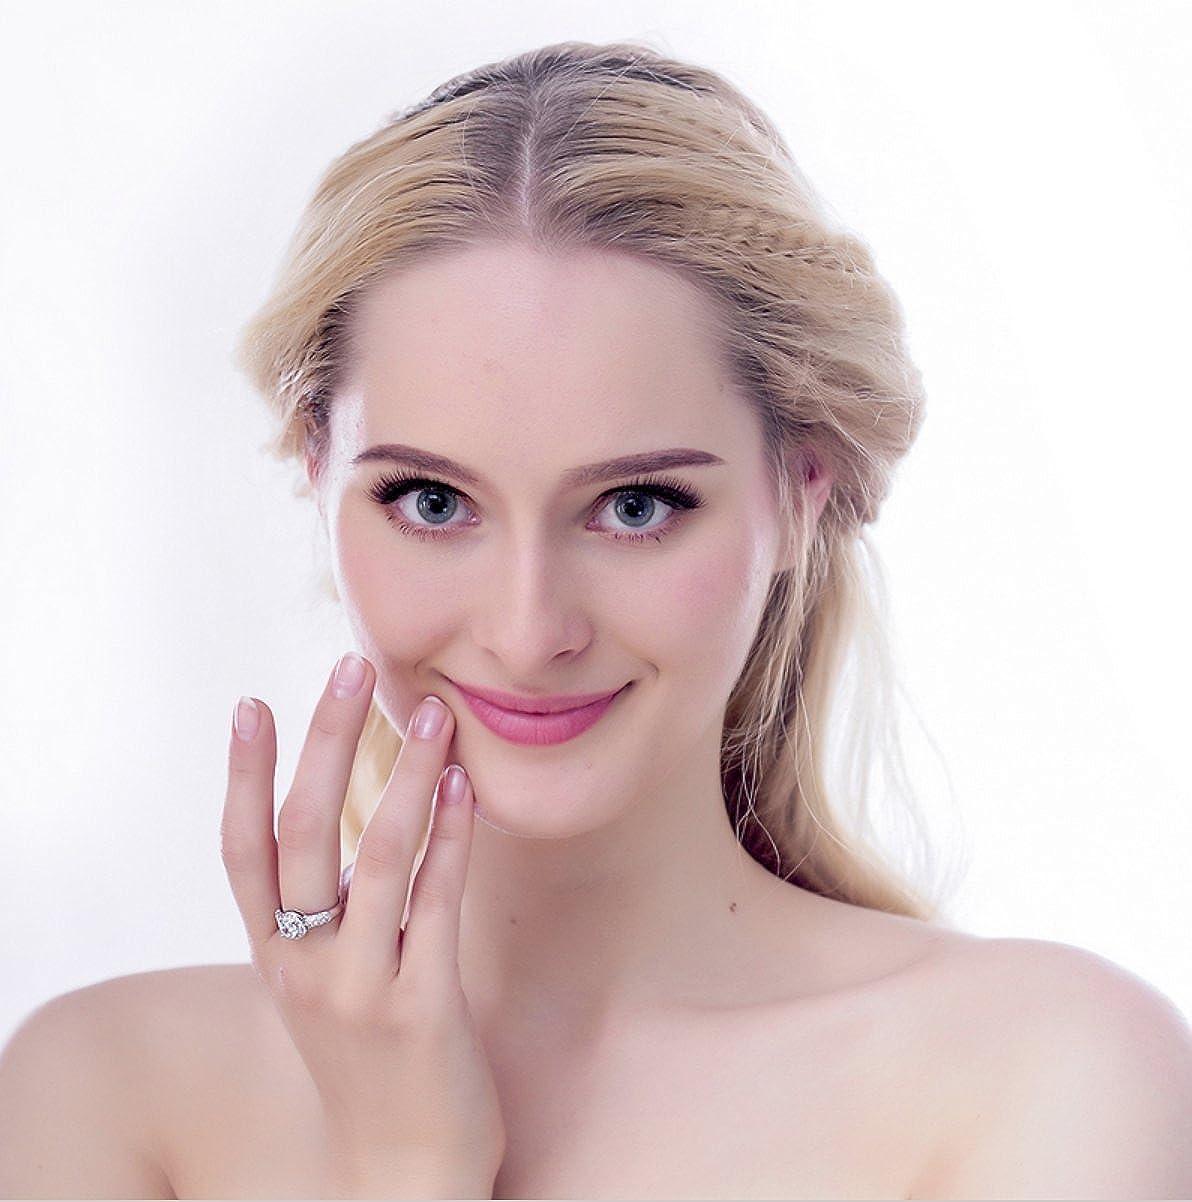 Trendy Ideas Elegant 18K White Gold Ring Luxury Diamond Wedding Engagement Rings Girls Gift for Women